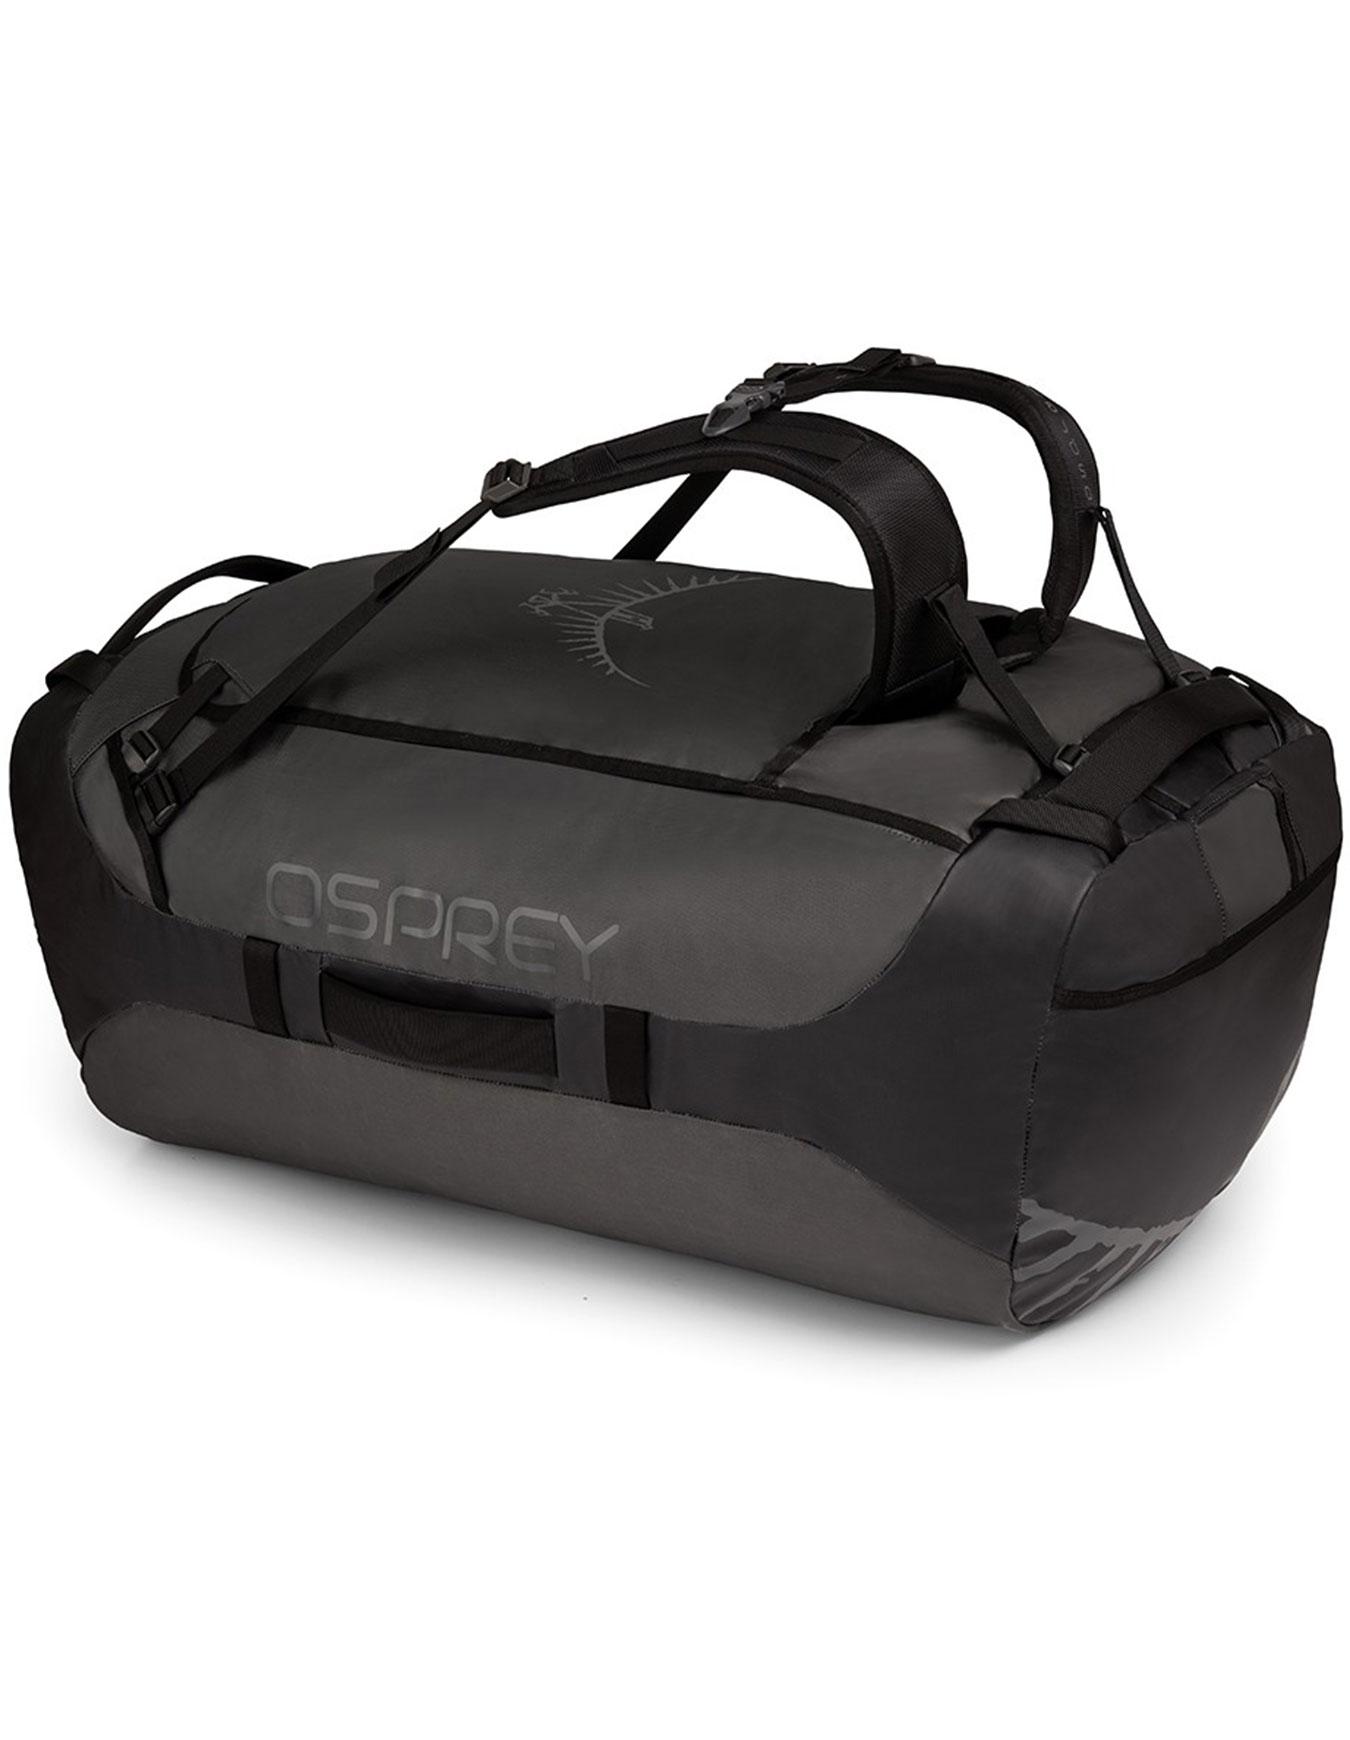 d221470c61 Sac à dos Osprey, sac à dos randonnée & porte bébé Osprey homme & femme -  Snowleader